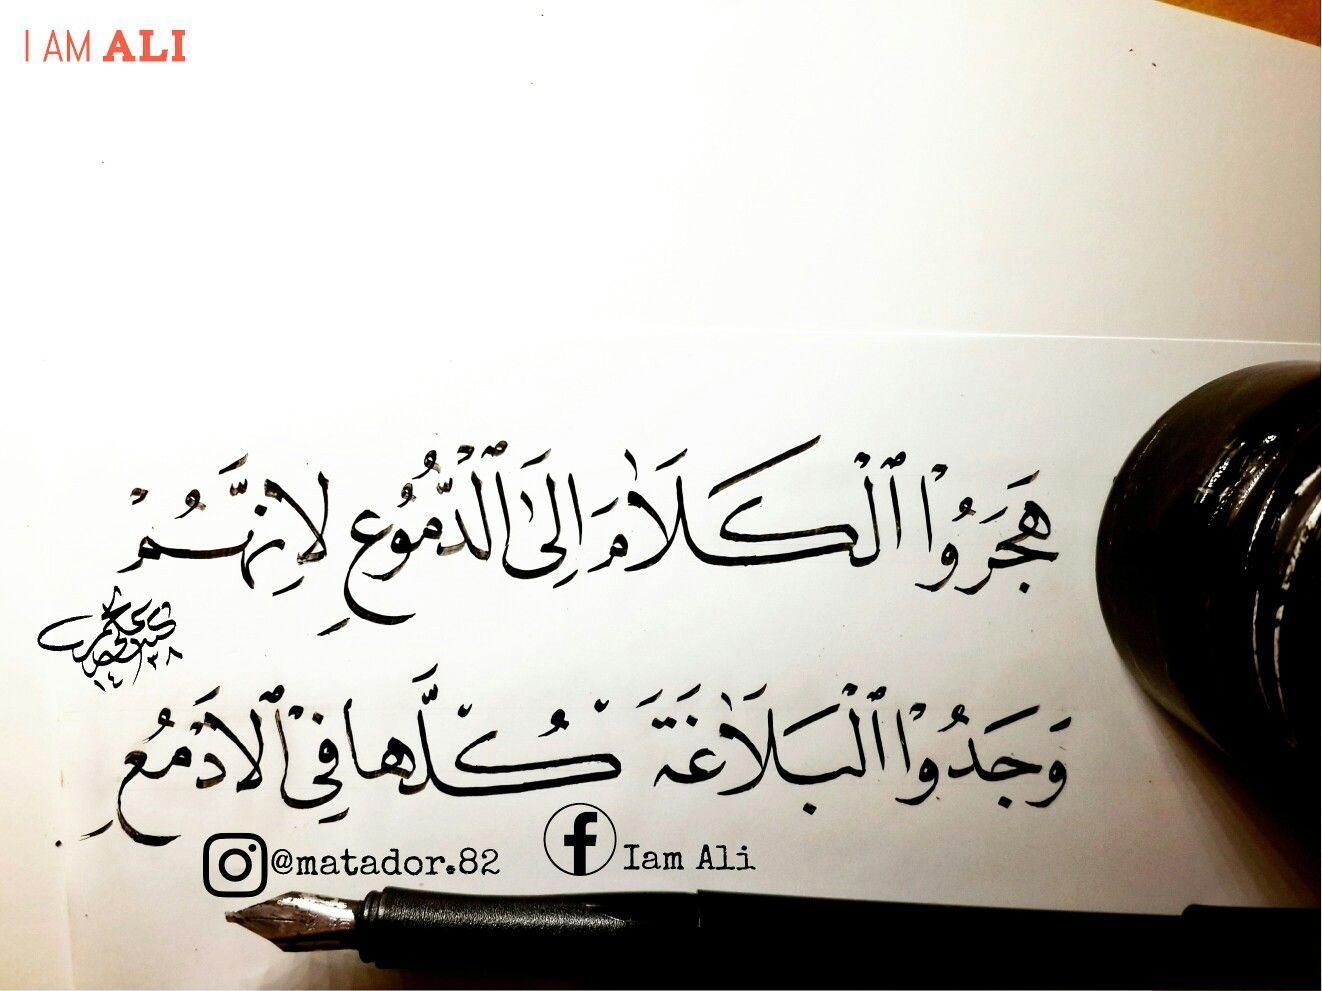 هجروا الكلام خطي نسخ اقتباسات العراق خط عربي بغداد Calligraphy I Arabic Quotes Words